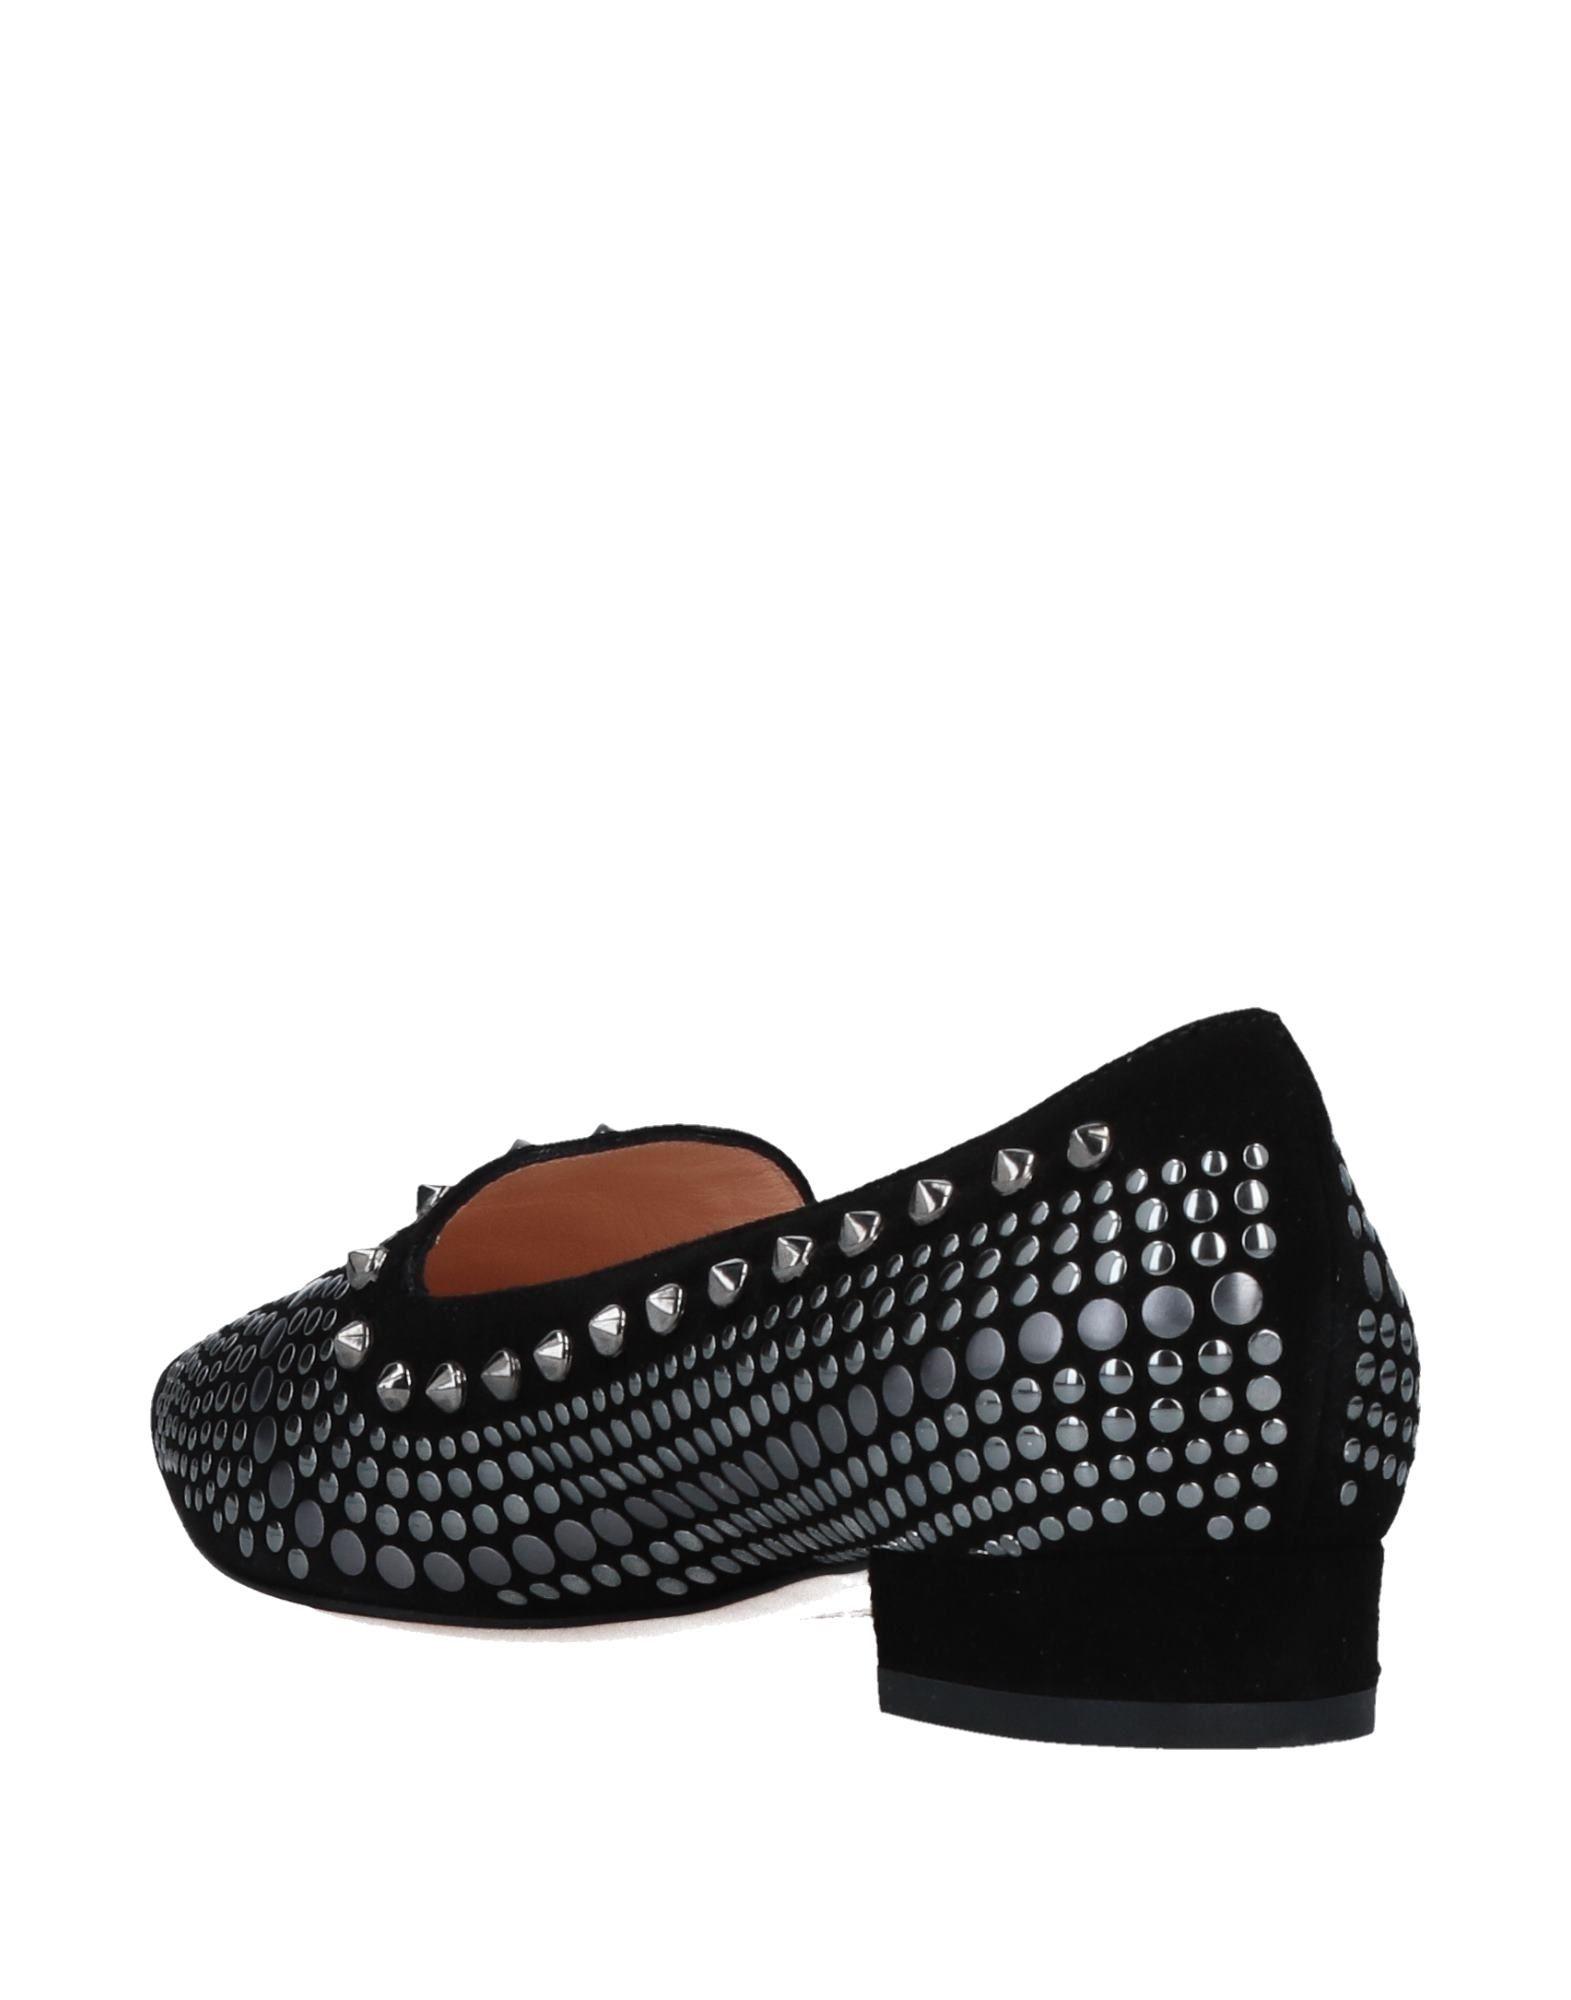 Stilvolle billige Mokassins Schuhe Chiarini Bologna Mokassins billige Damen  11505407IV 77ed38